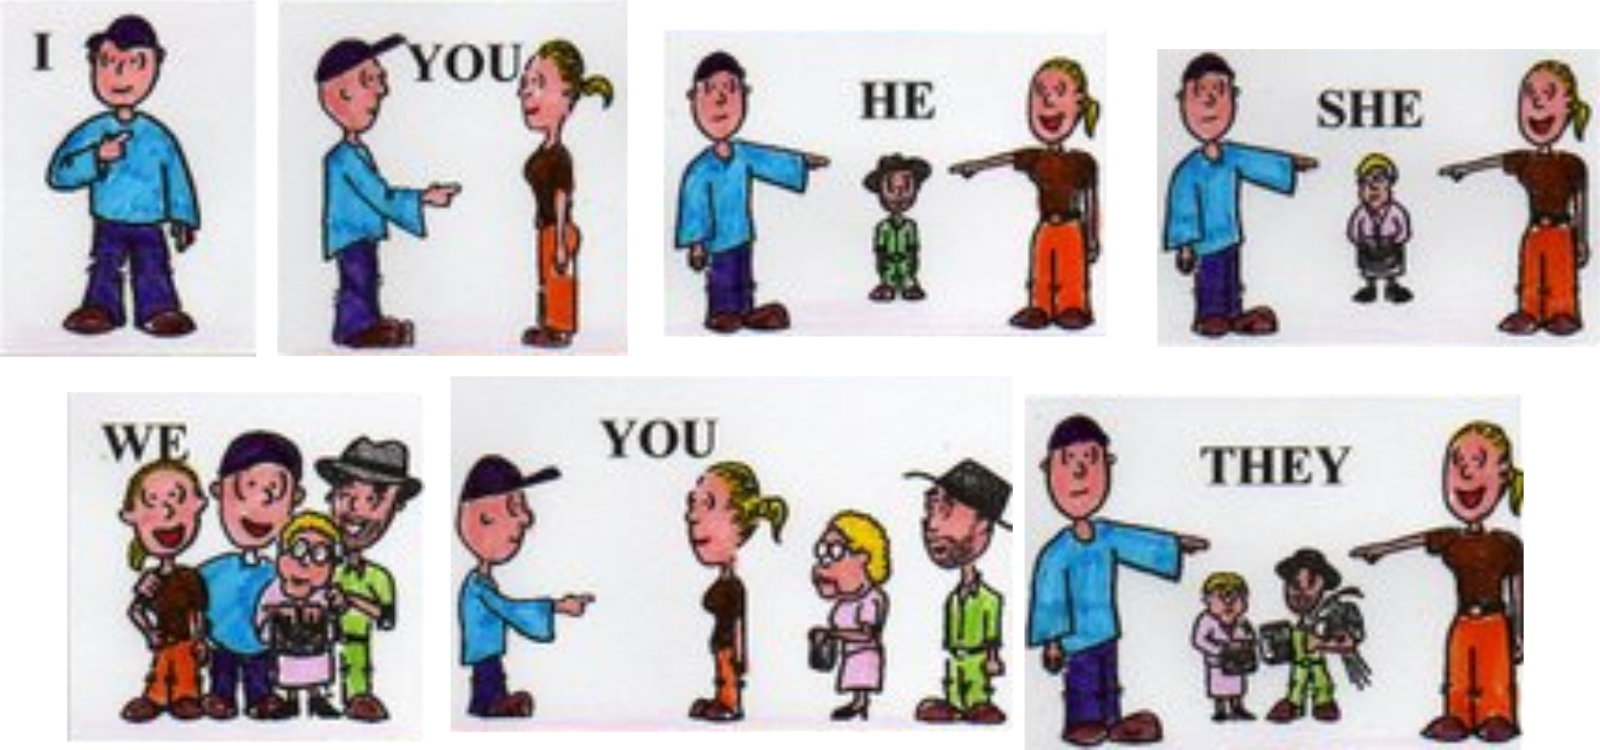 Engginer subjet pronouns objet. Friendly clipart us pronoun